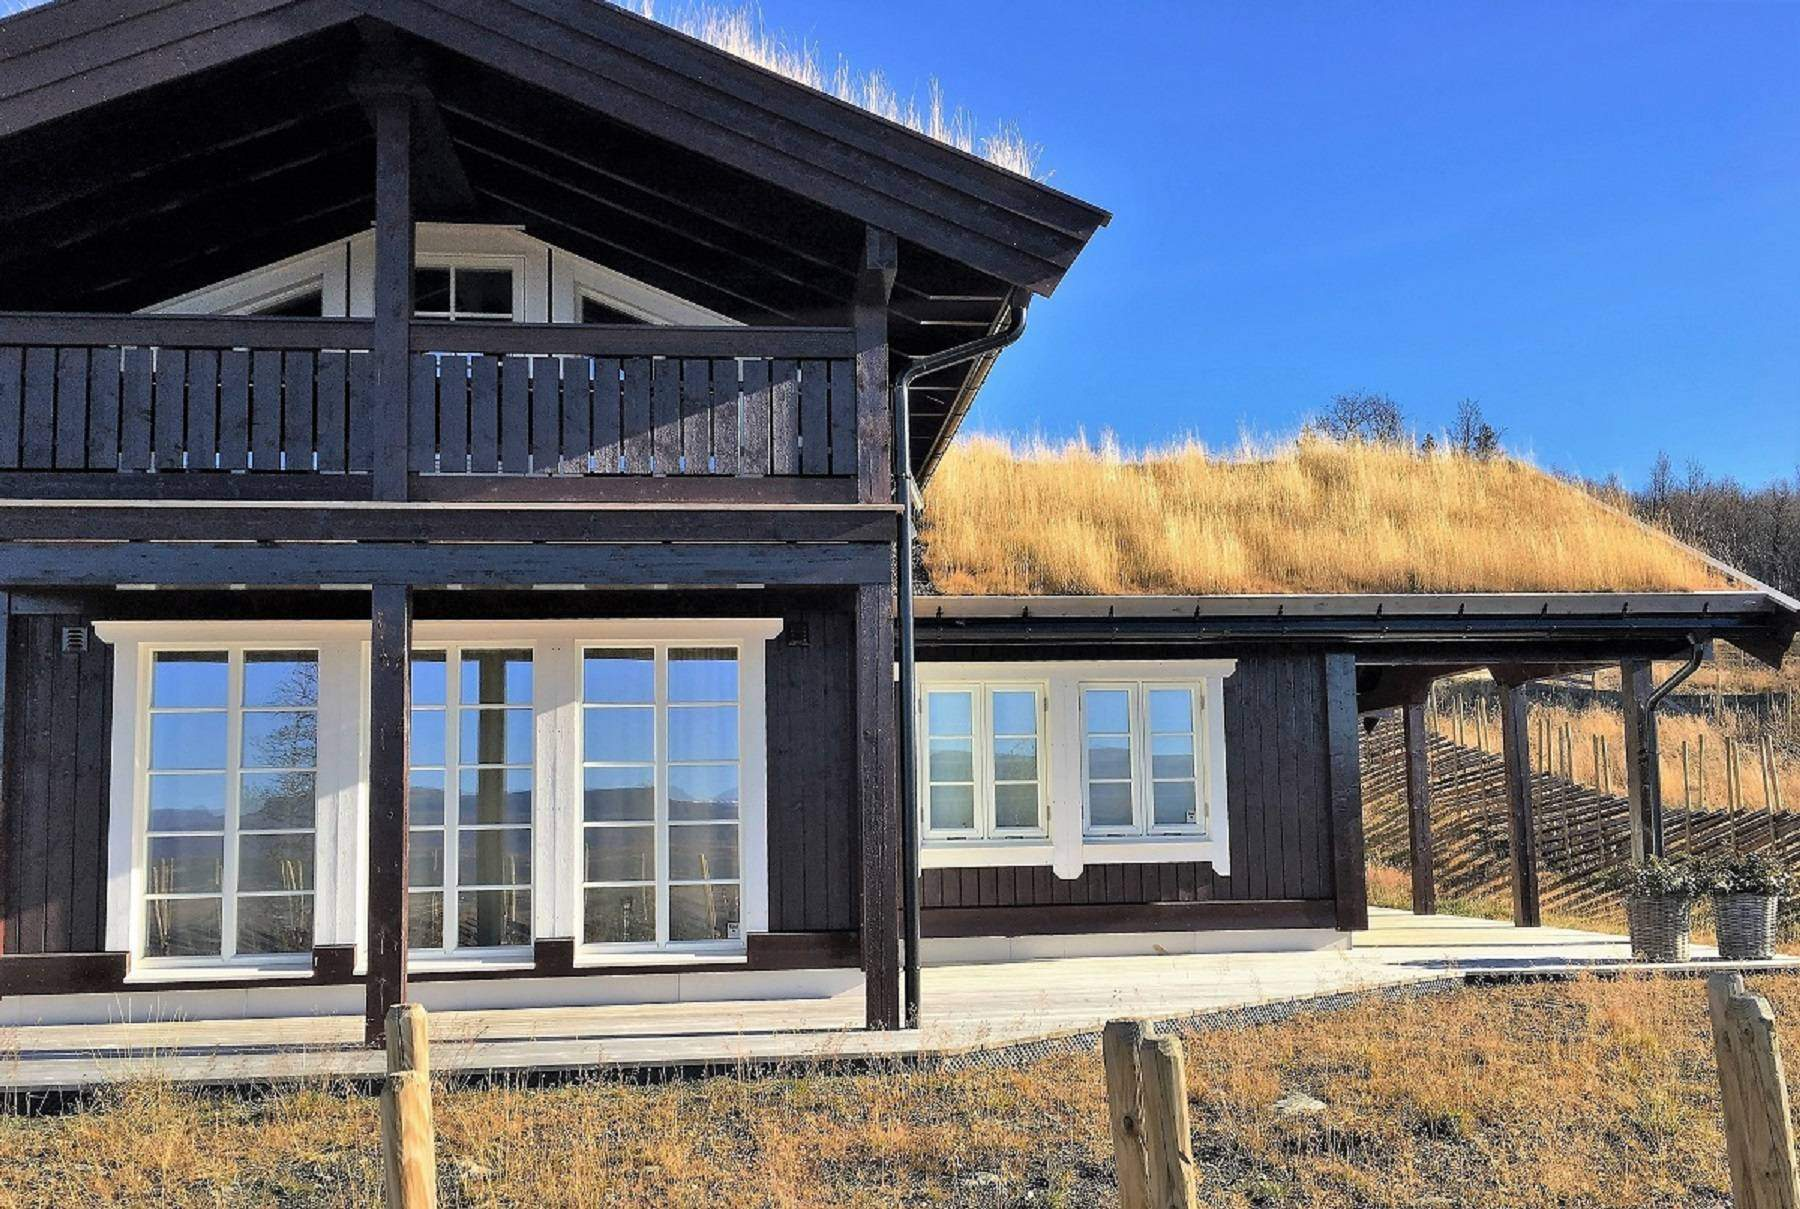 106 Hytte Høyset Panorama – Rondeslottet 95